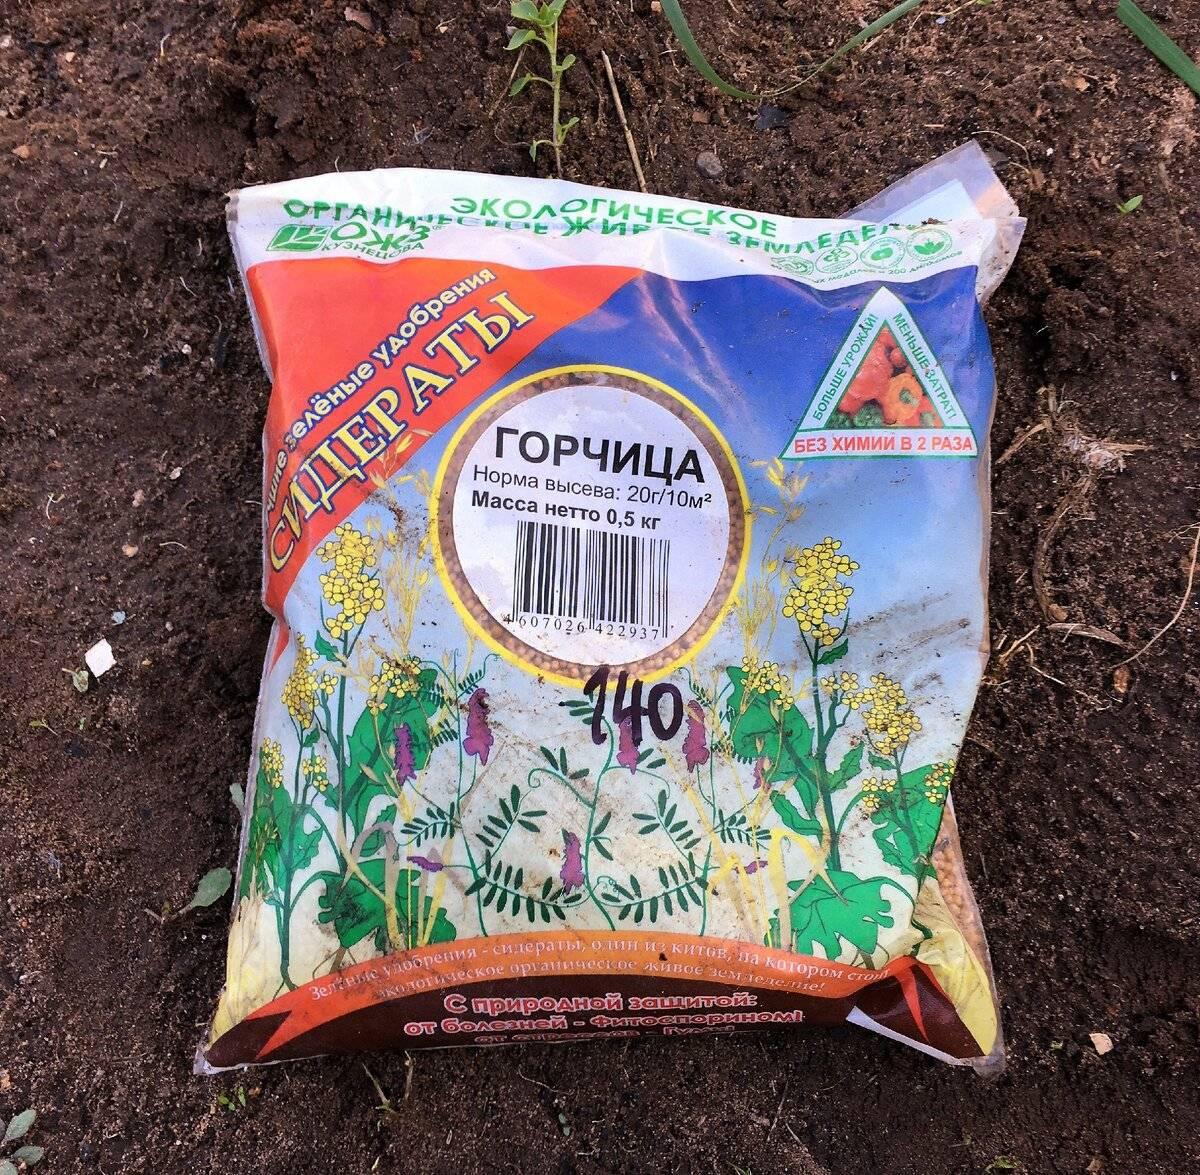 Лучшие сидераты для огорода: 9 отличных растений